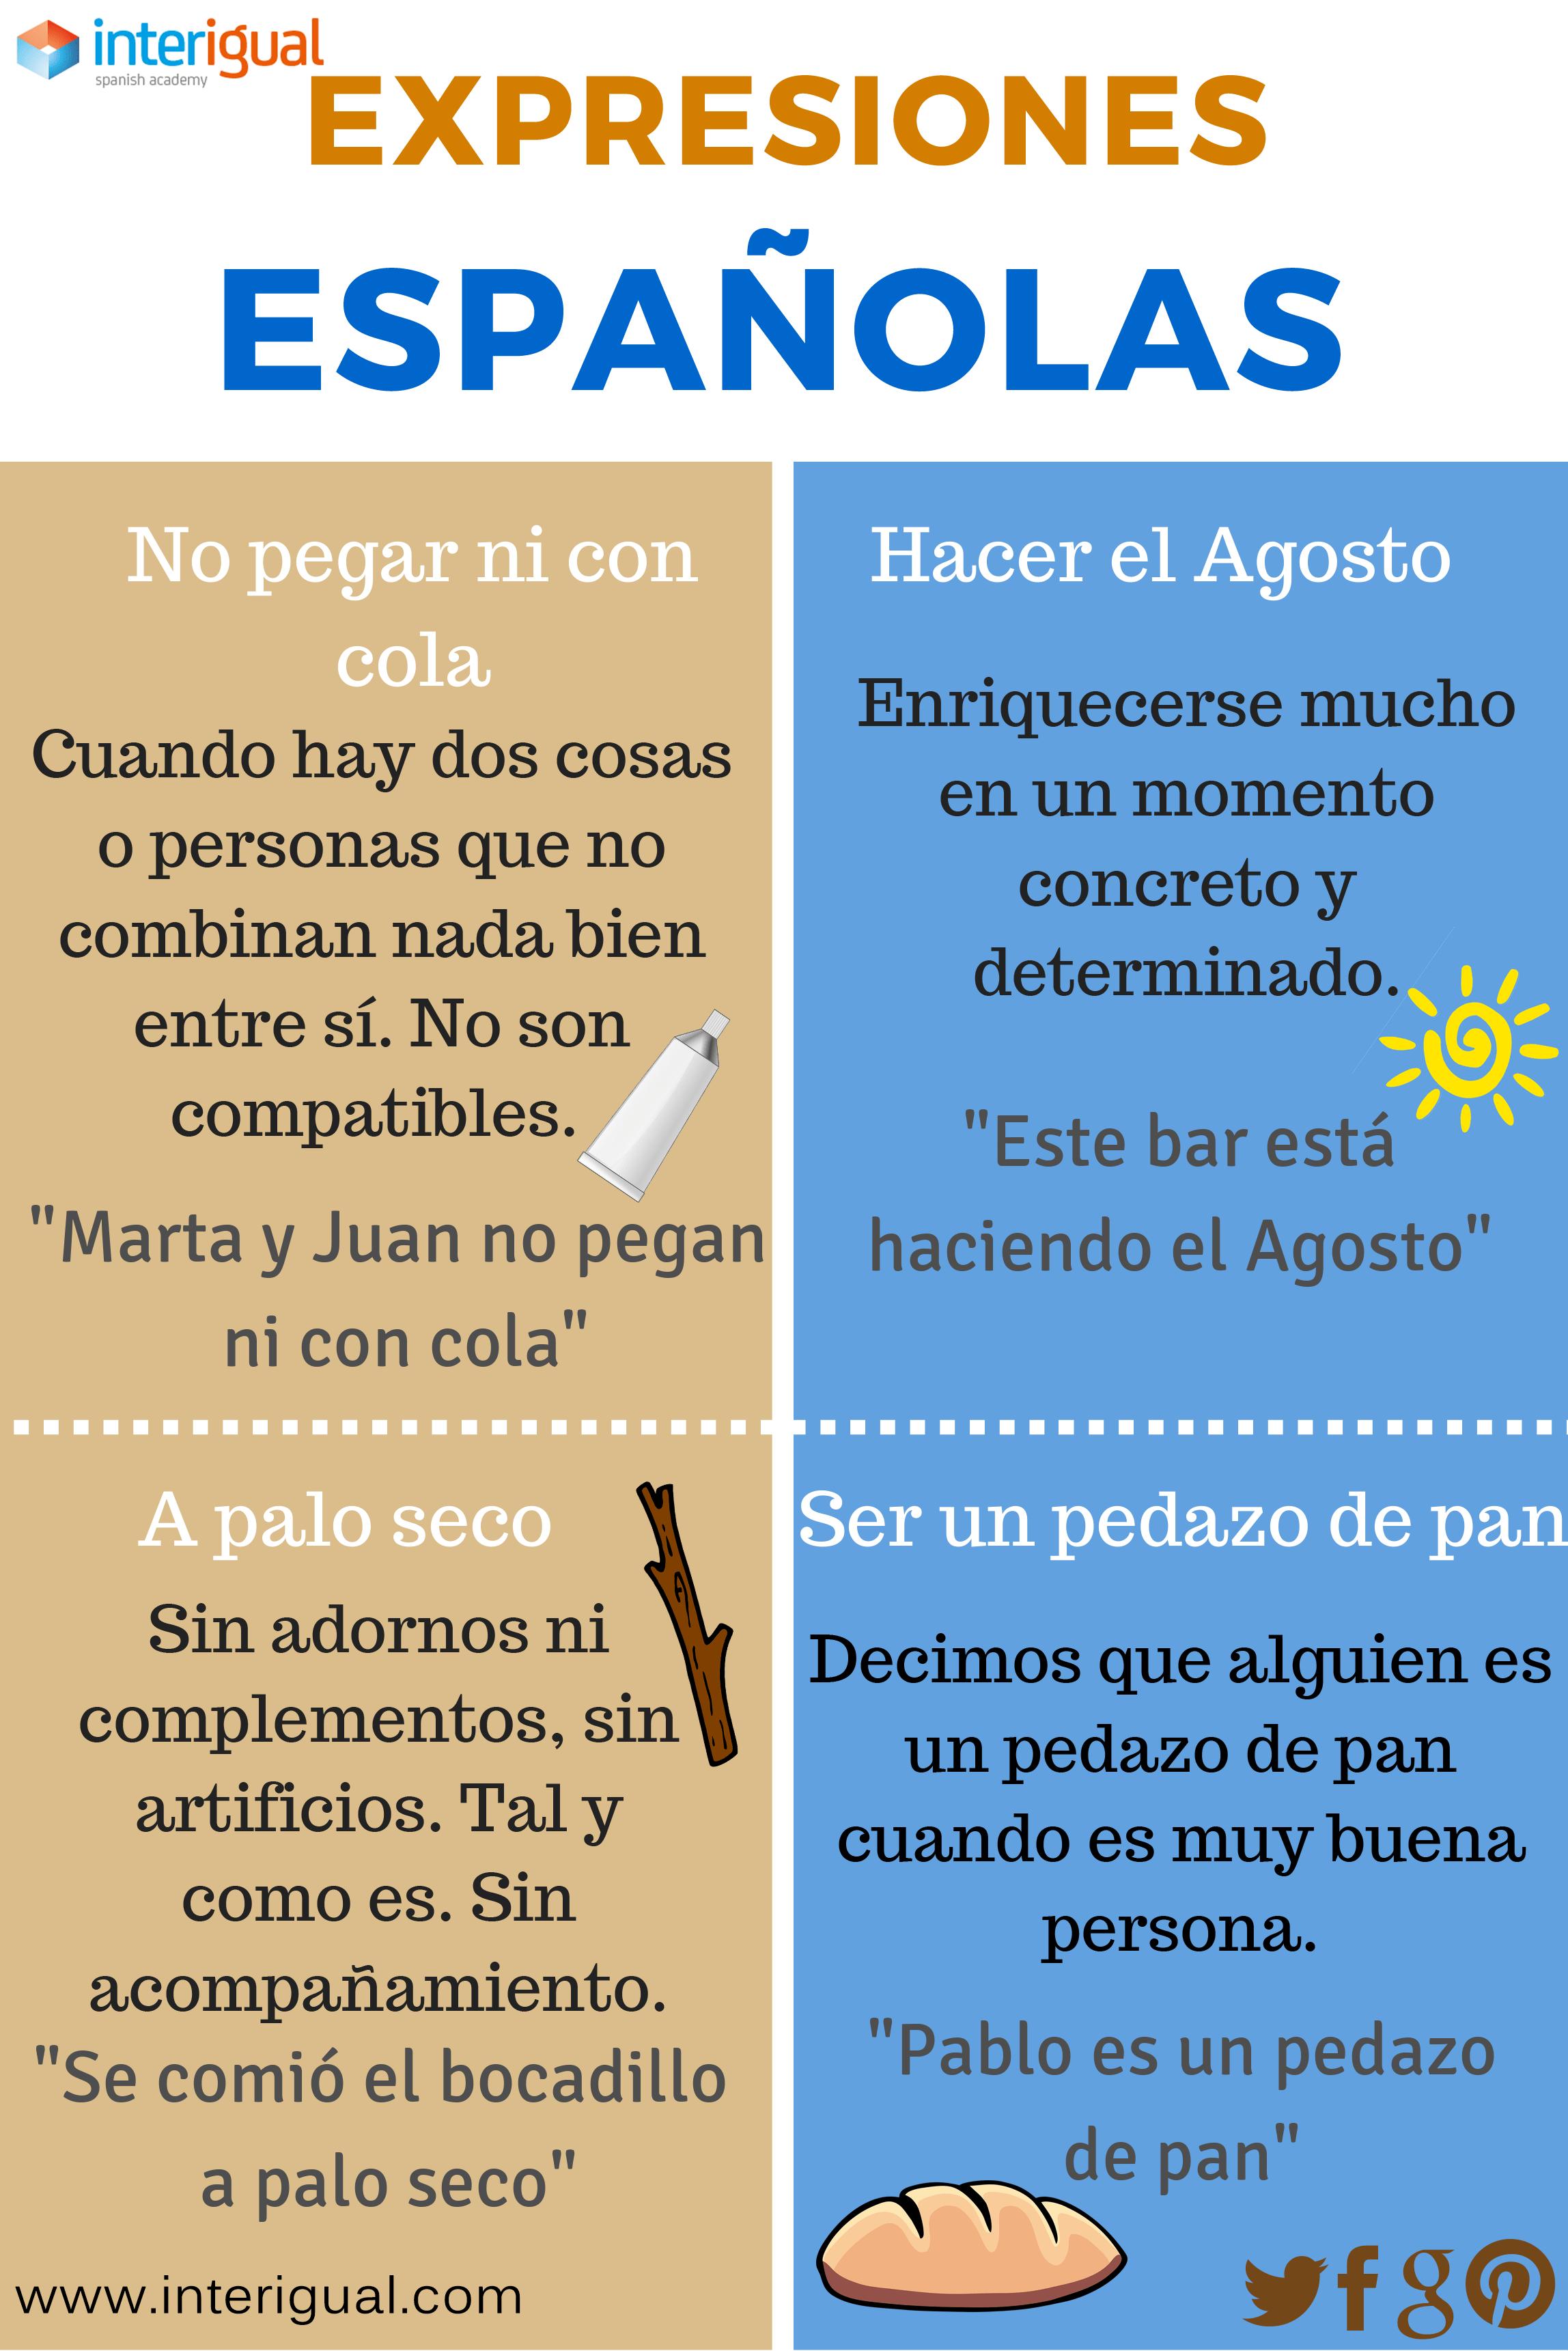 Expresiones Espanolas